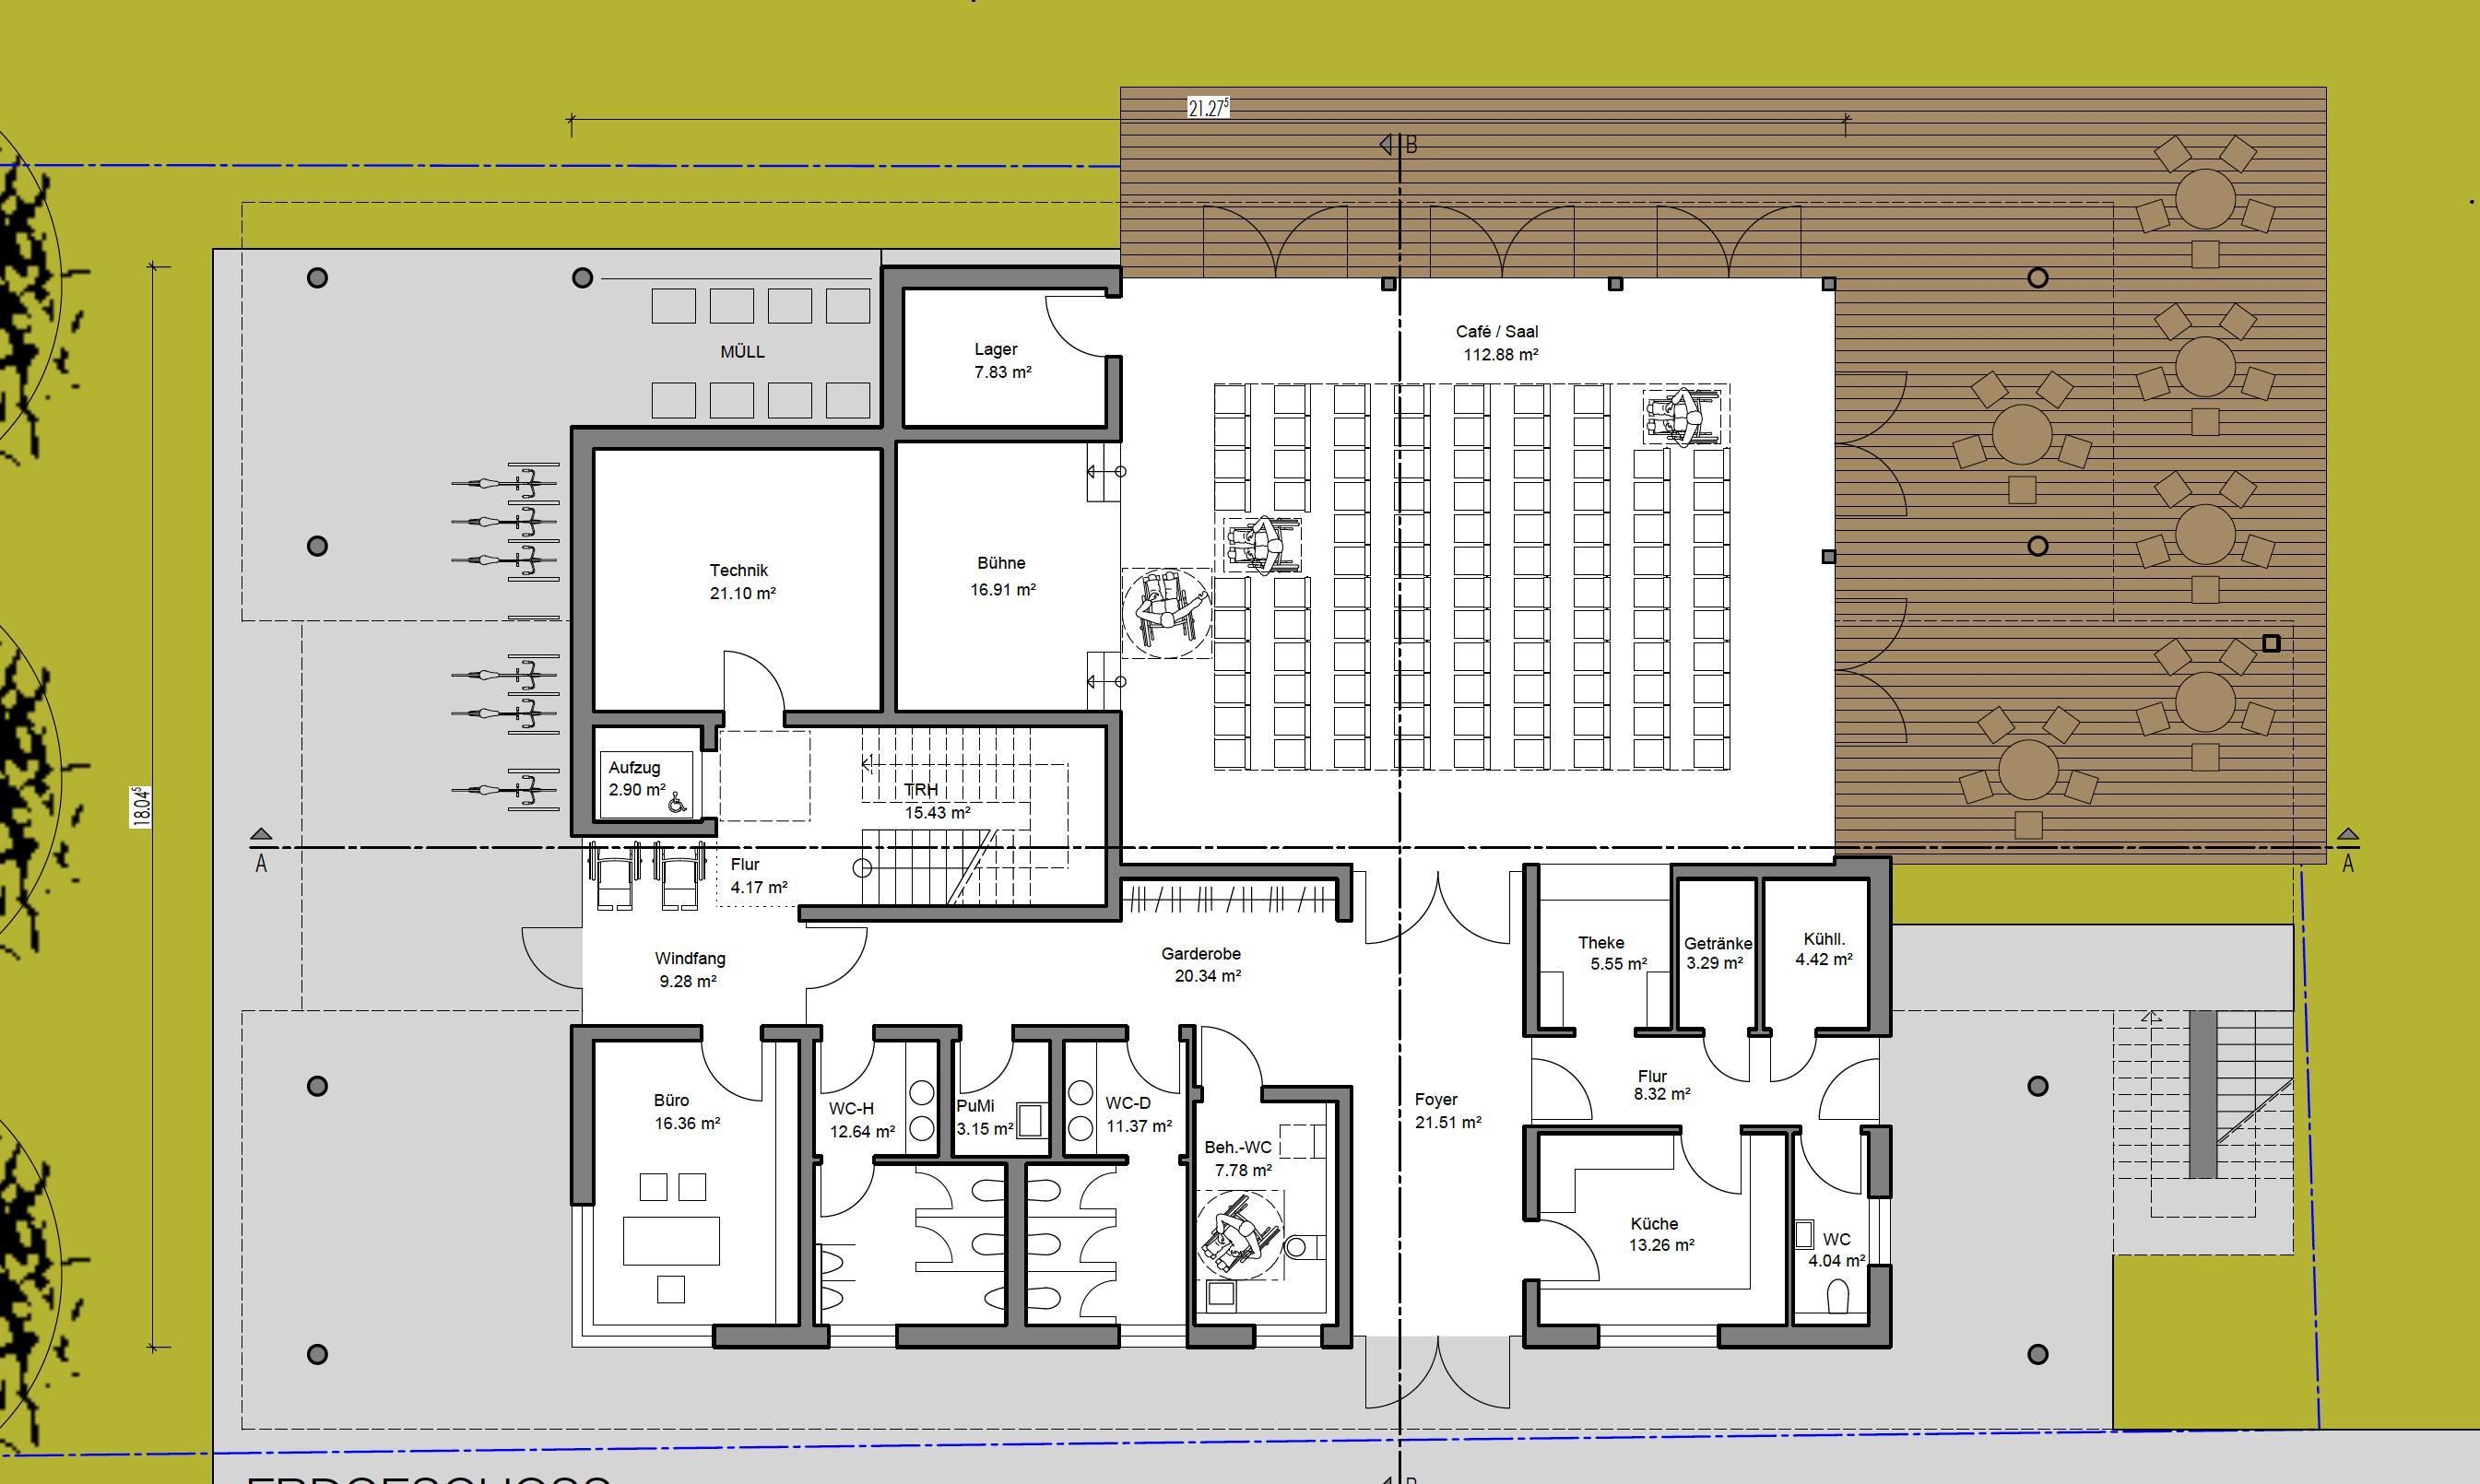 Multifunktionshaus - Plan